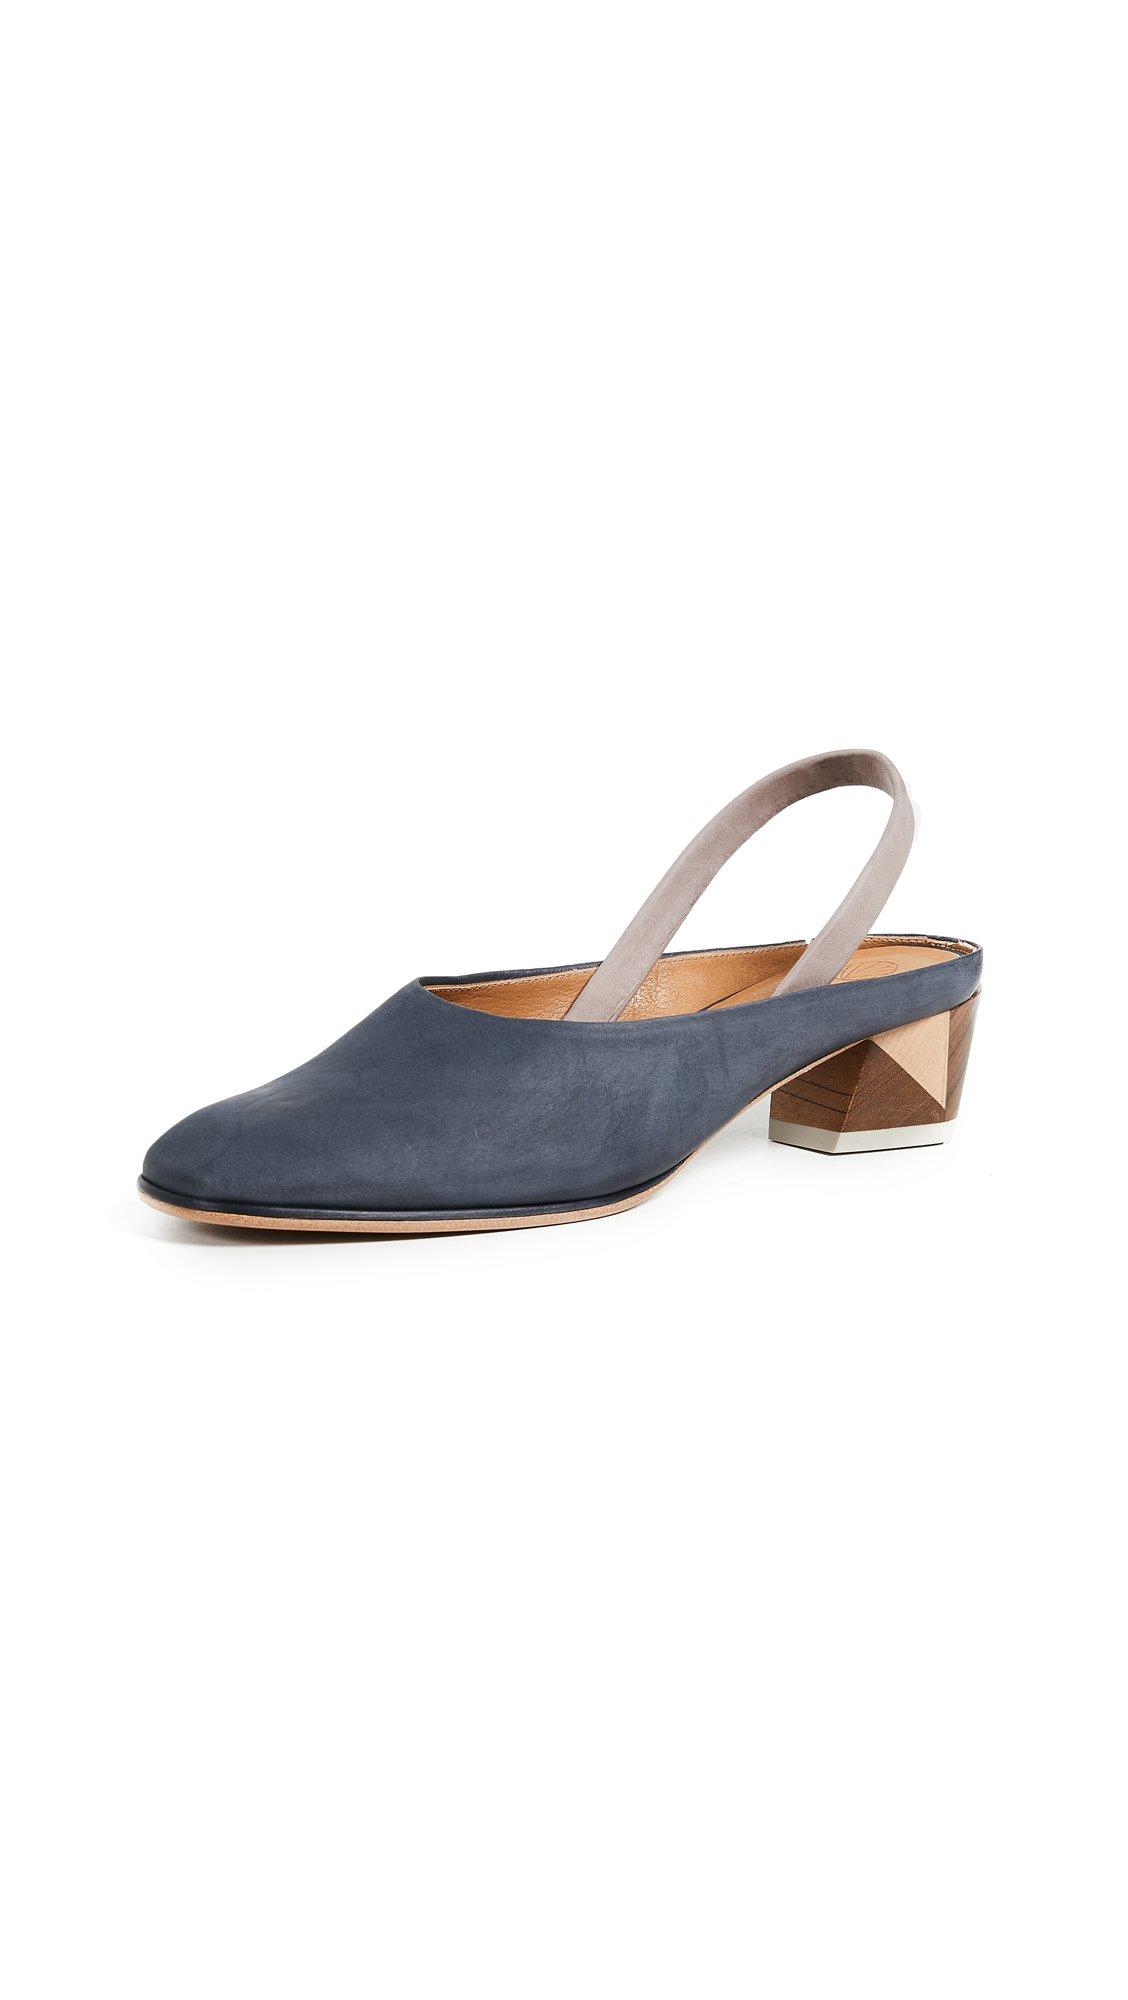 Coclico Shoes Women's Evil Tea Slingback Pumps, Black, 38.5 EU (8.5 B(M) US Women)